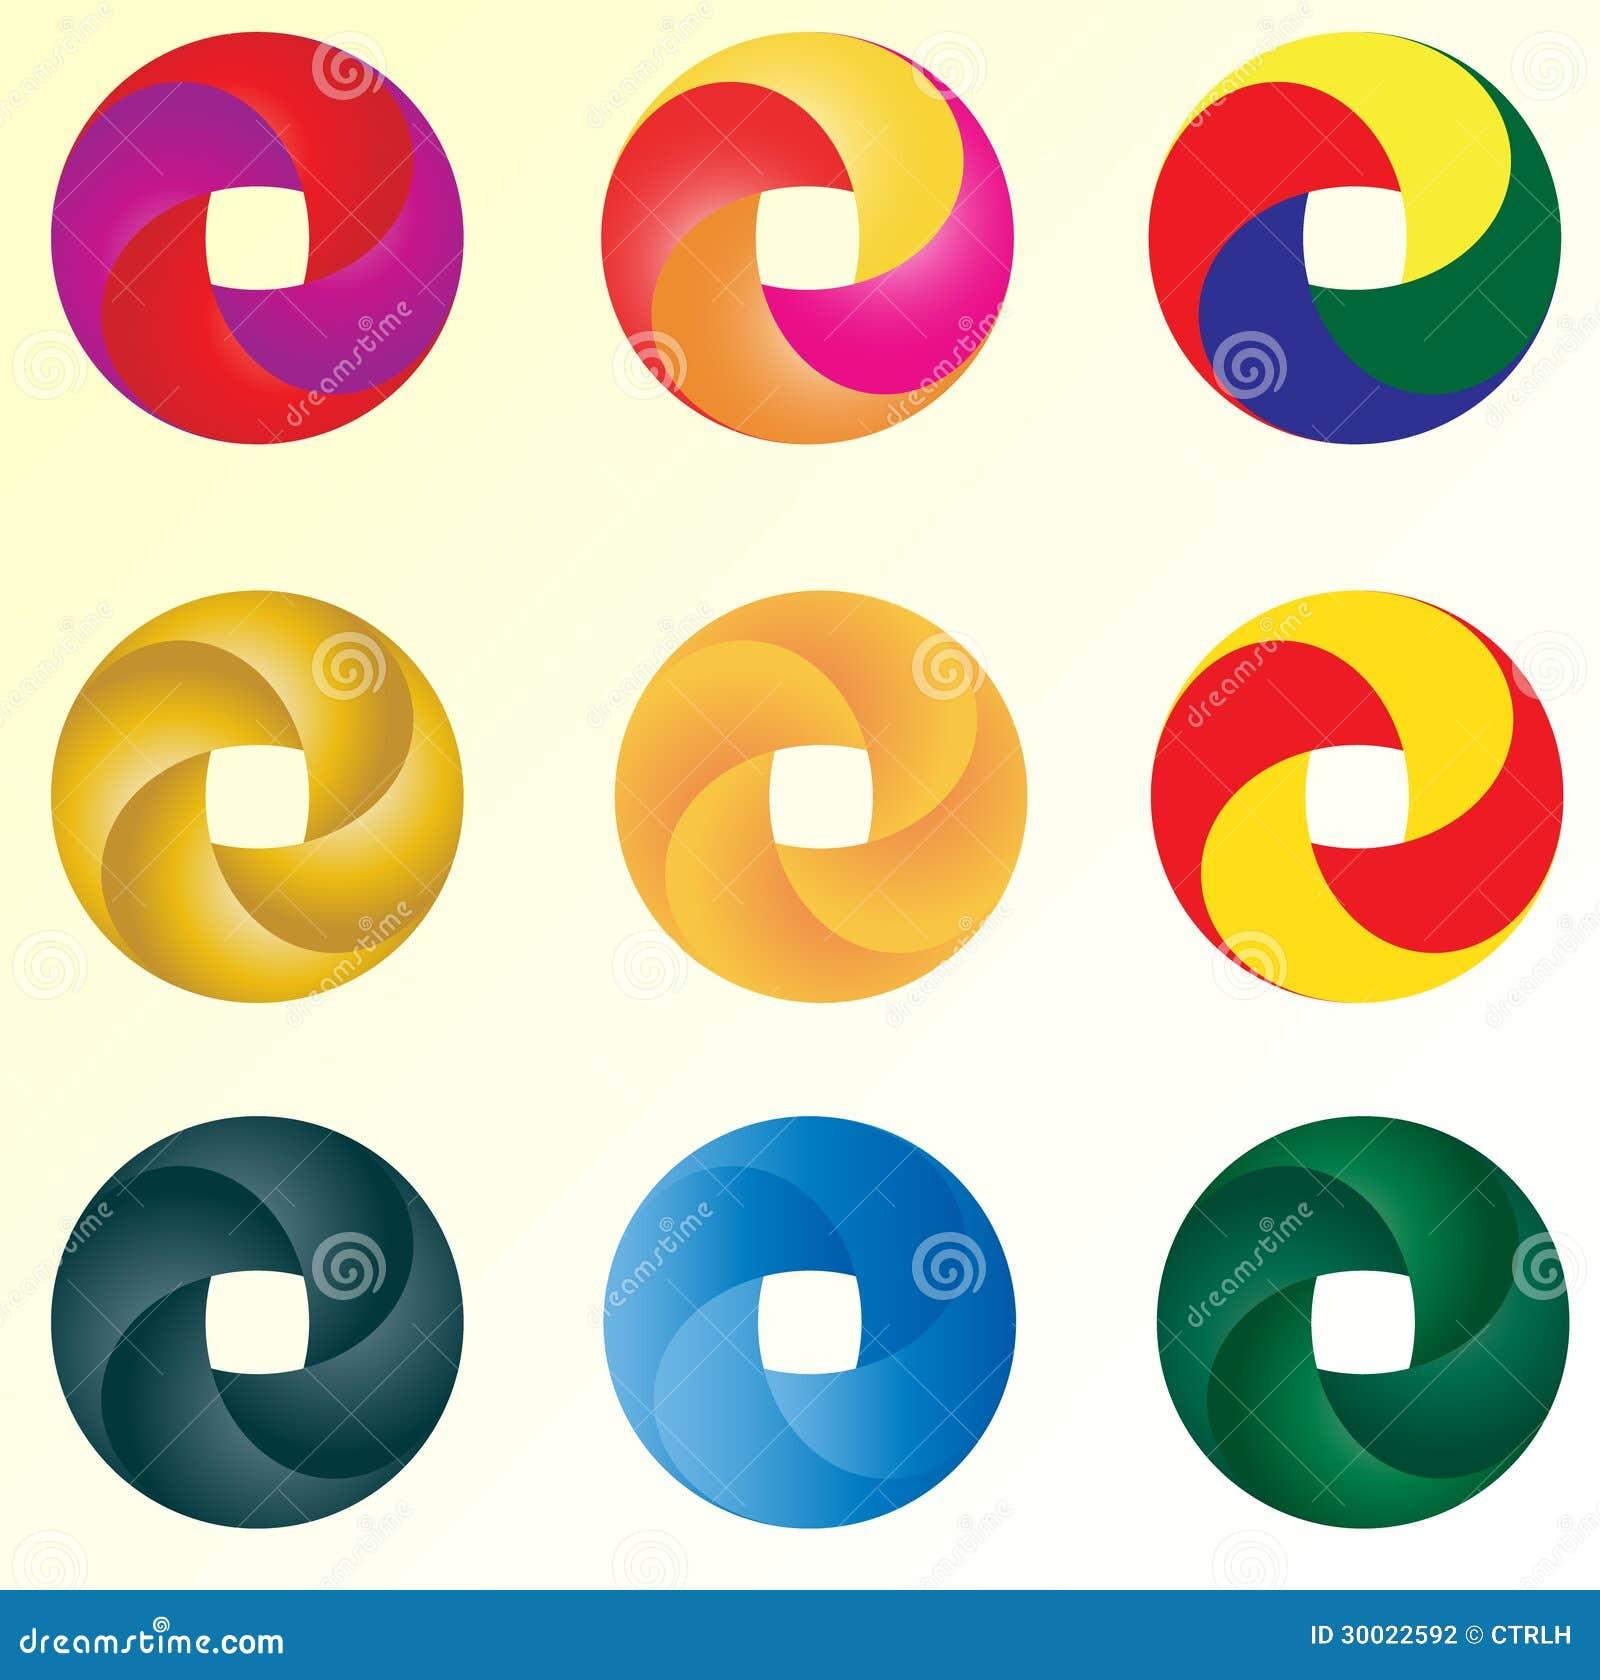 Examples Oflogo Designs Bobbydaleearnhardt.com